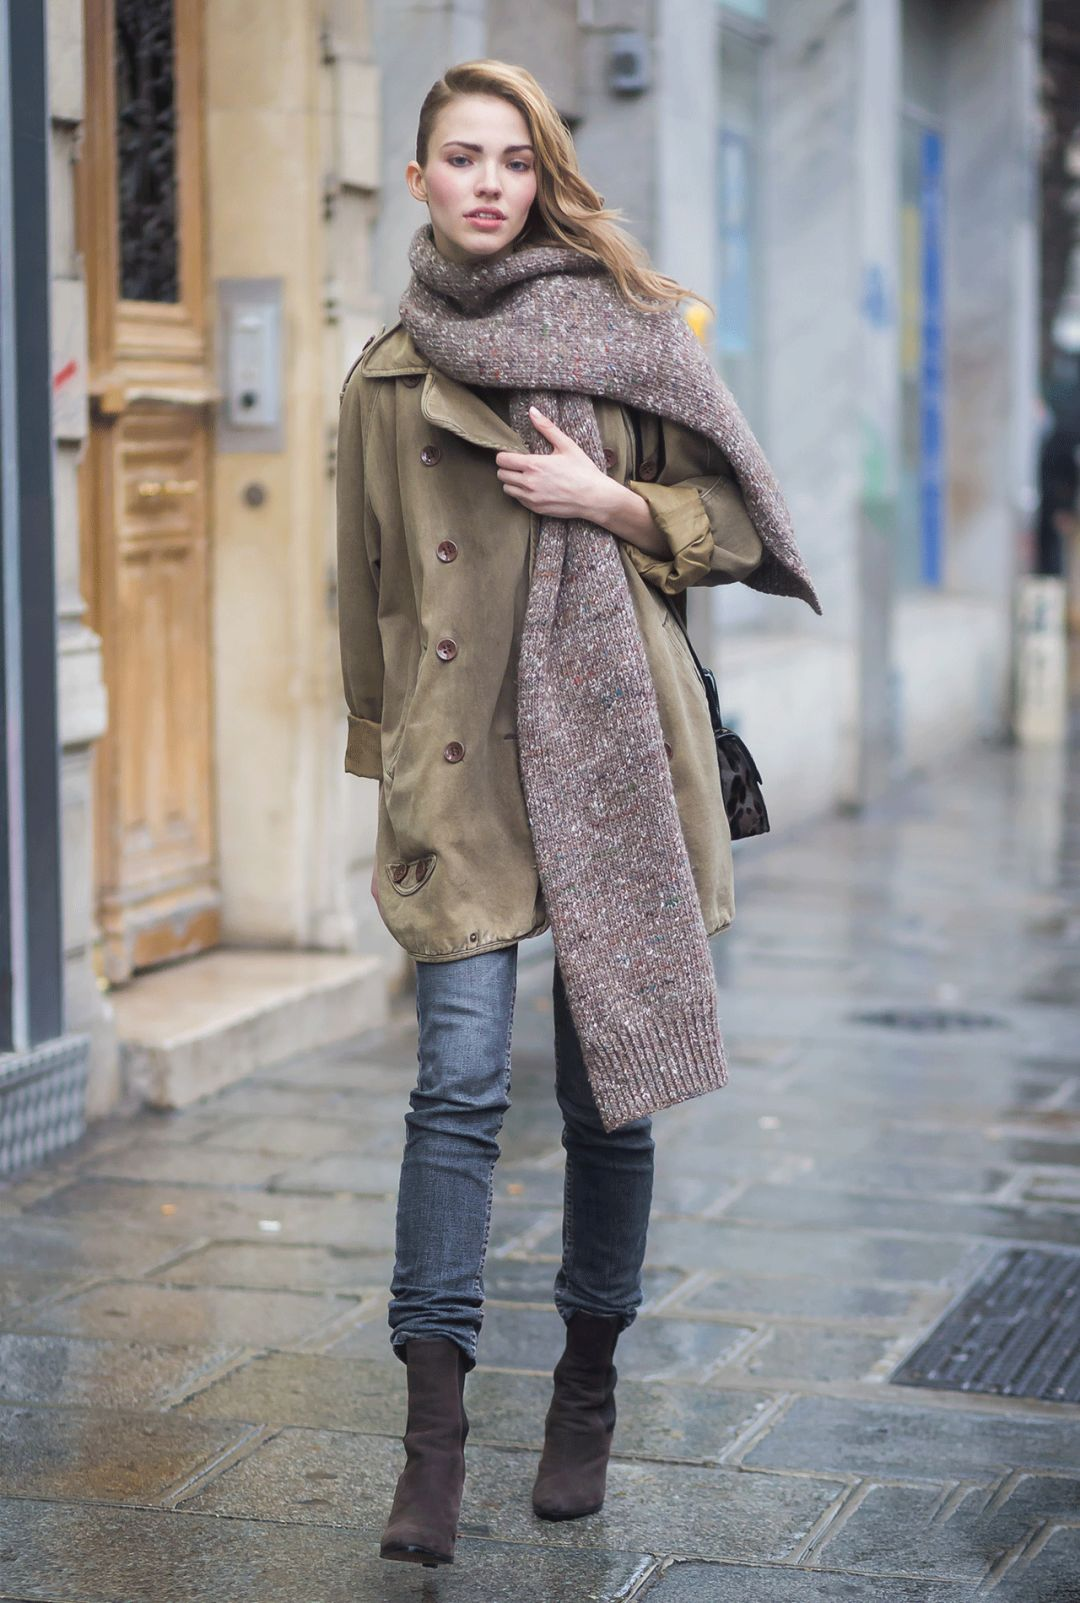 女人冬季衣橱要有一件这样的皮毛一体外套 让你